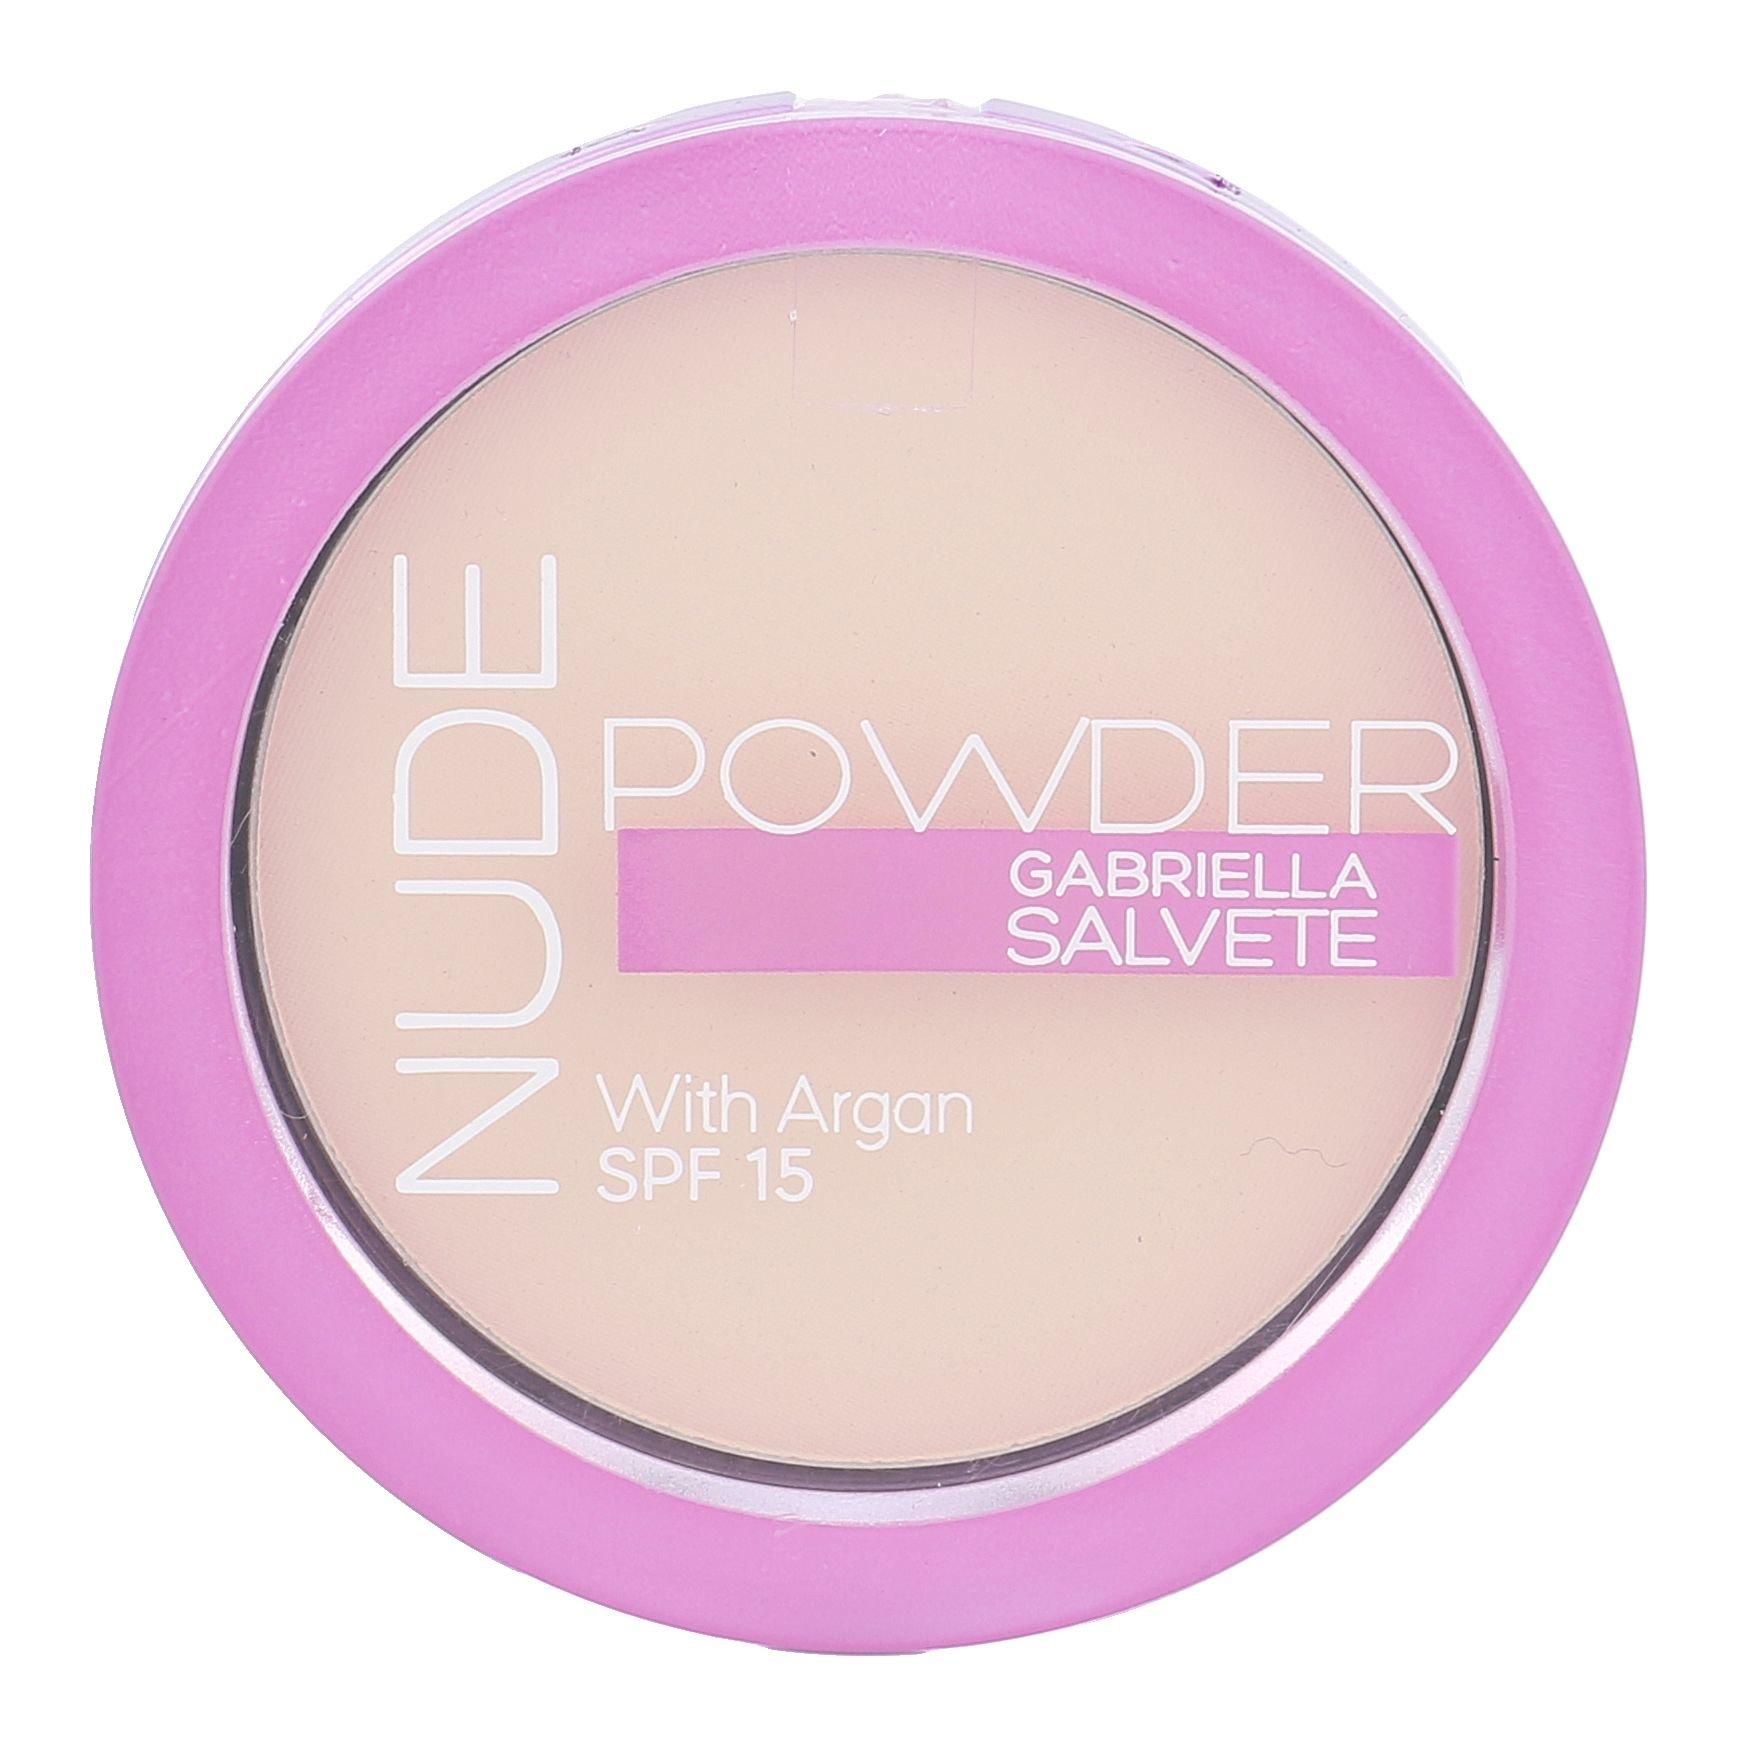 Gabriella Salvete Nude Powder SPF15 Cosmetic 8g 01 Pure Nude